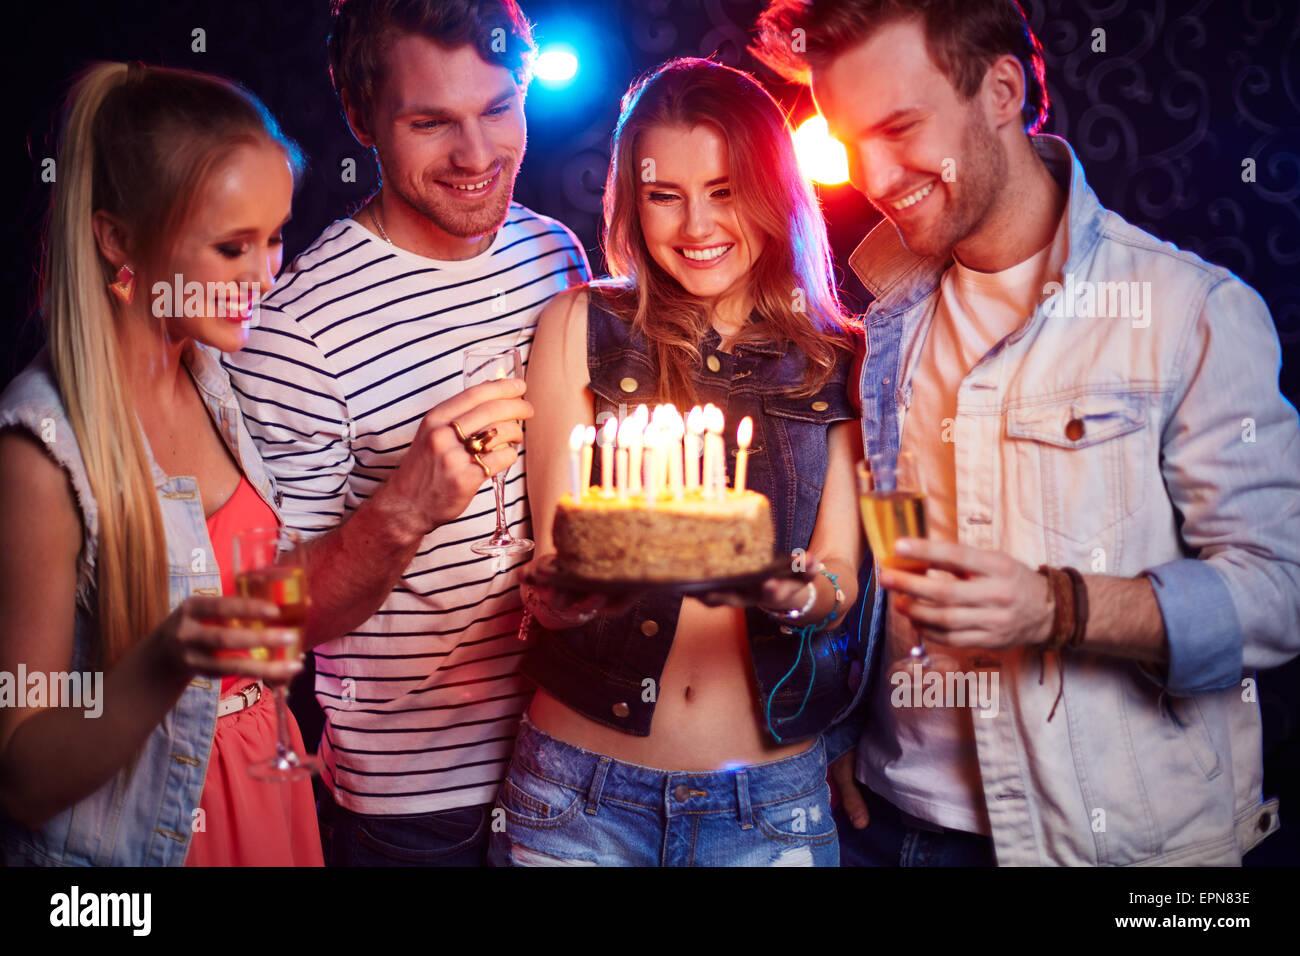 Zwei junge Paare mit Champagner und Kuchen Kerzen auf Geburtstagsparty zu betrachten Stockbild